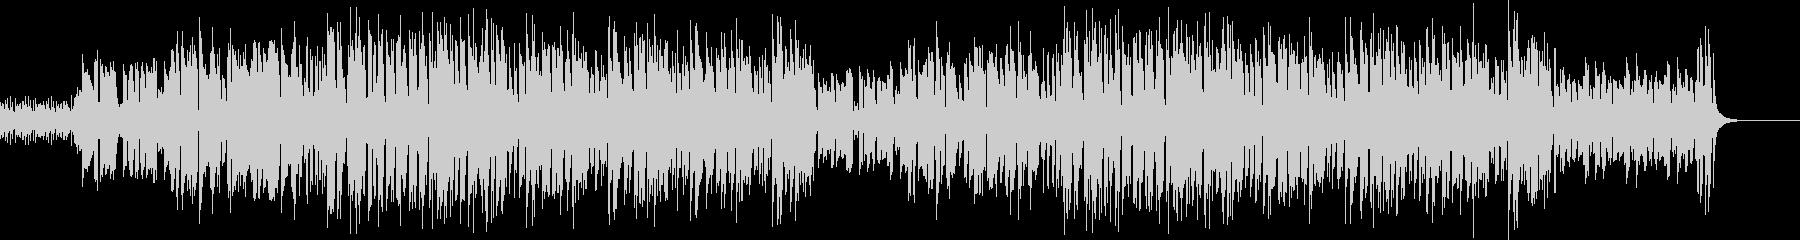 昭和歌謡風ポップス コミカルで元気 フルの未再生の波形